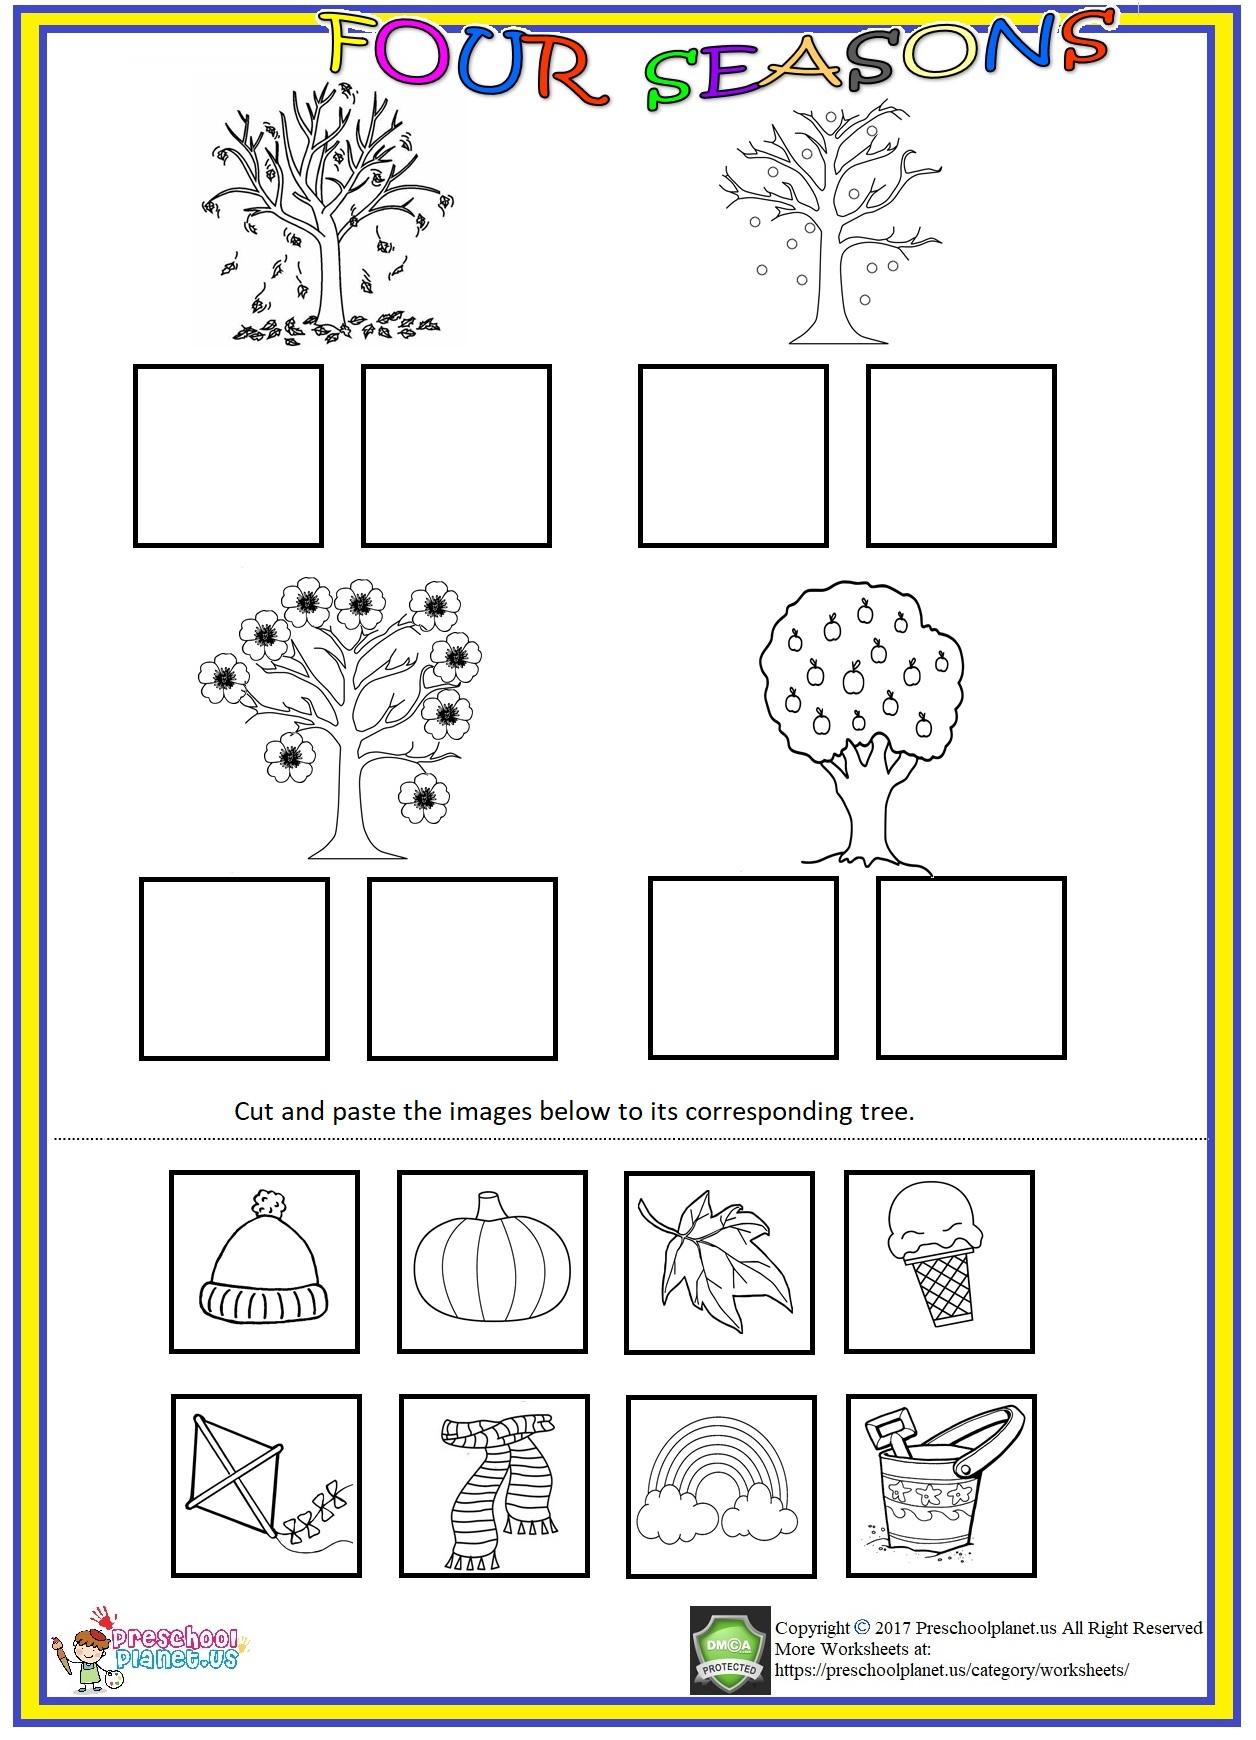 Four Seasons Cut And Paste Activities Preschoolplanet